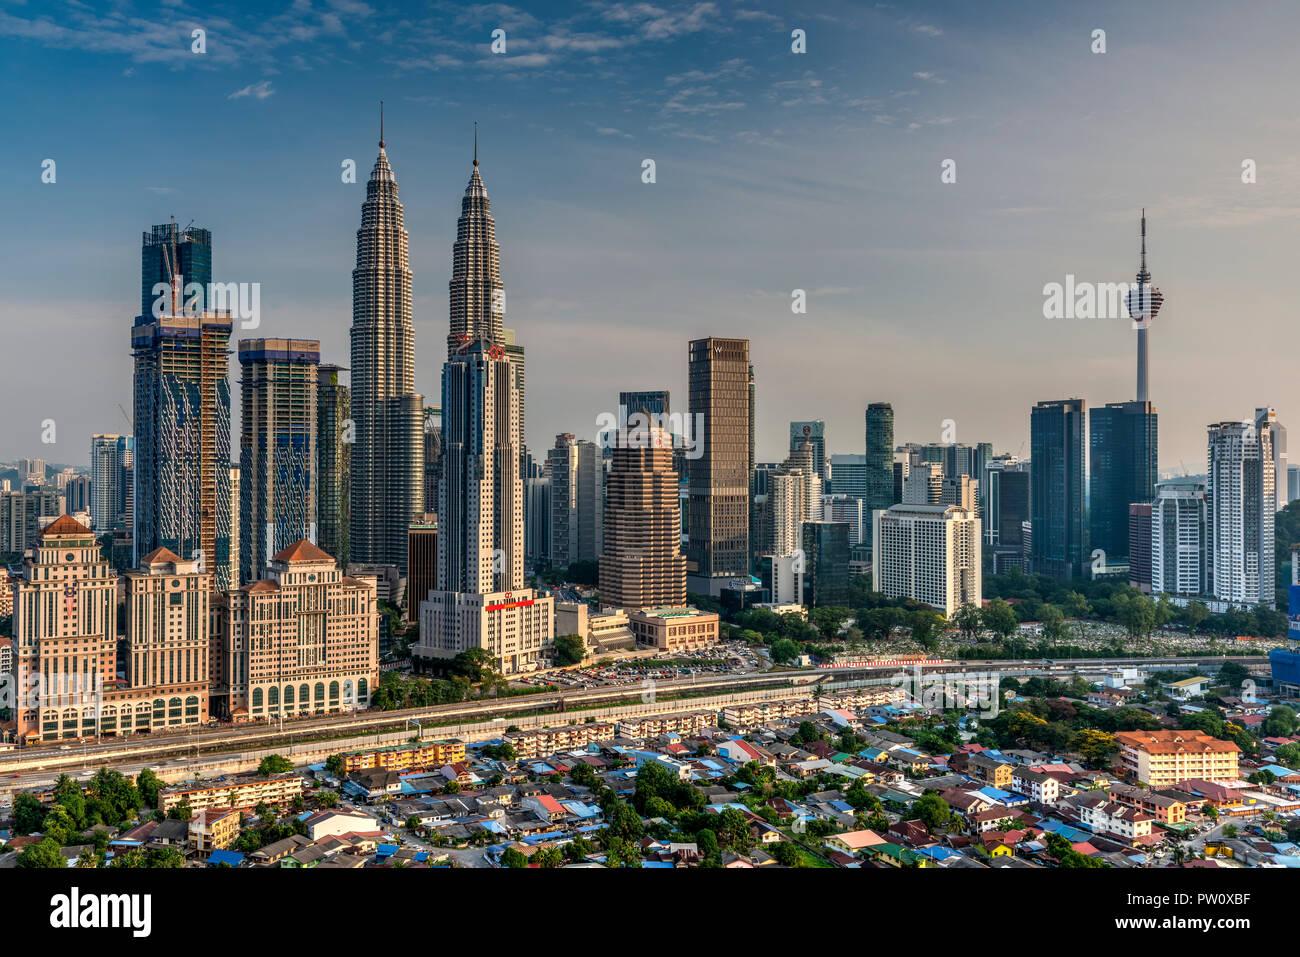 Lo skyline della citta', Kuala Lumpur, Malesia Immagini Stock